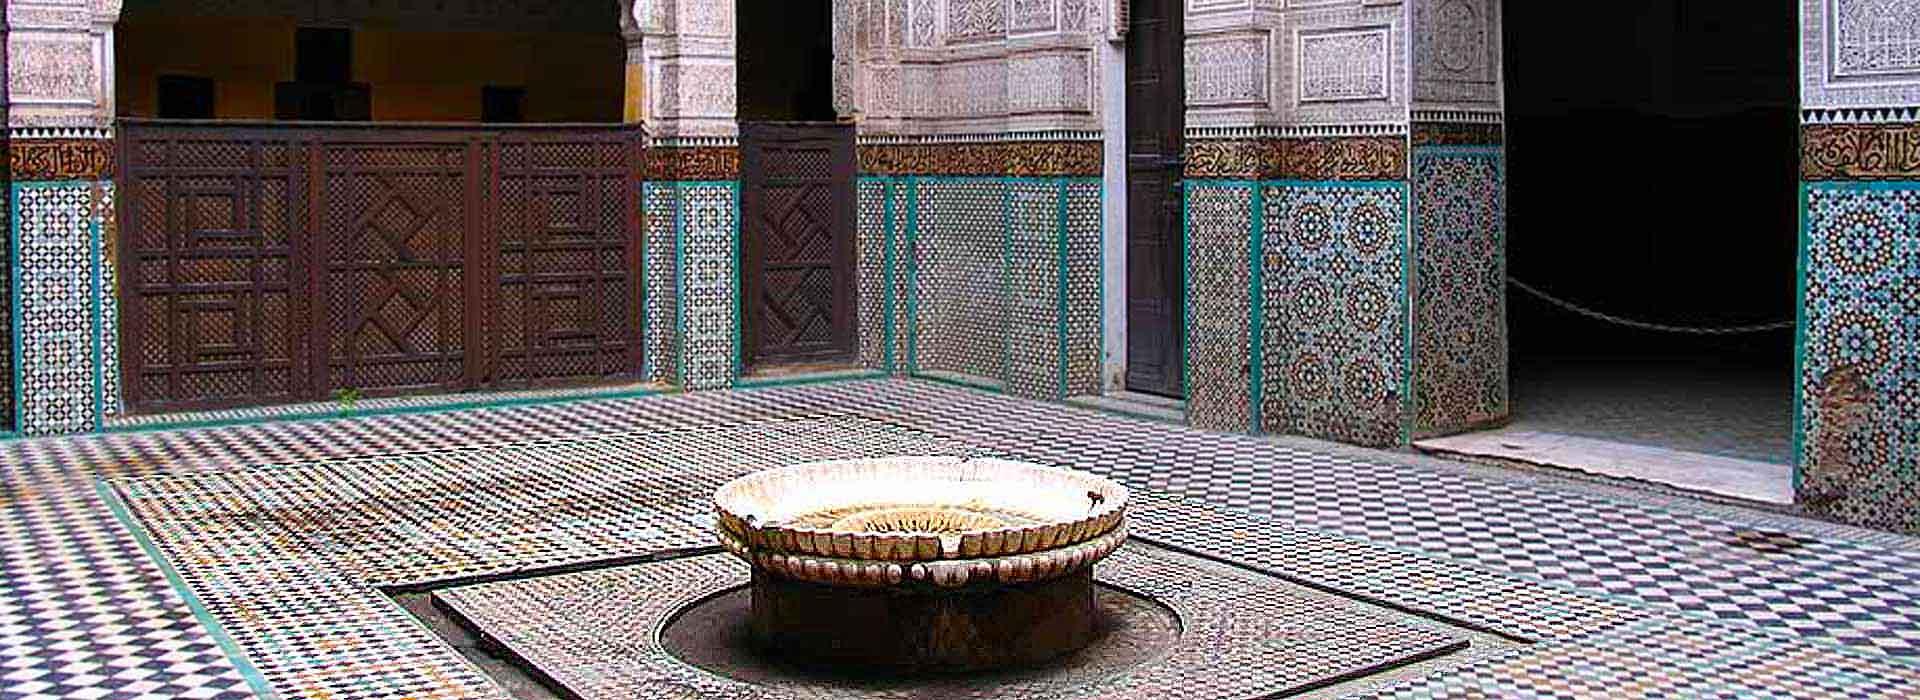 Madrasa Morocco Tour